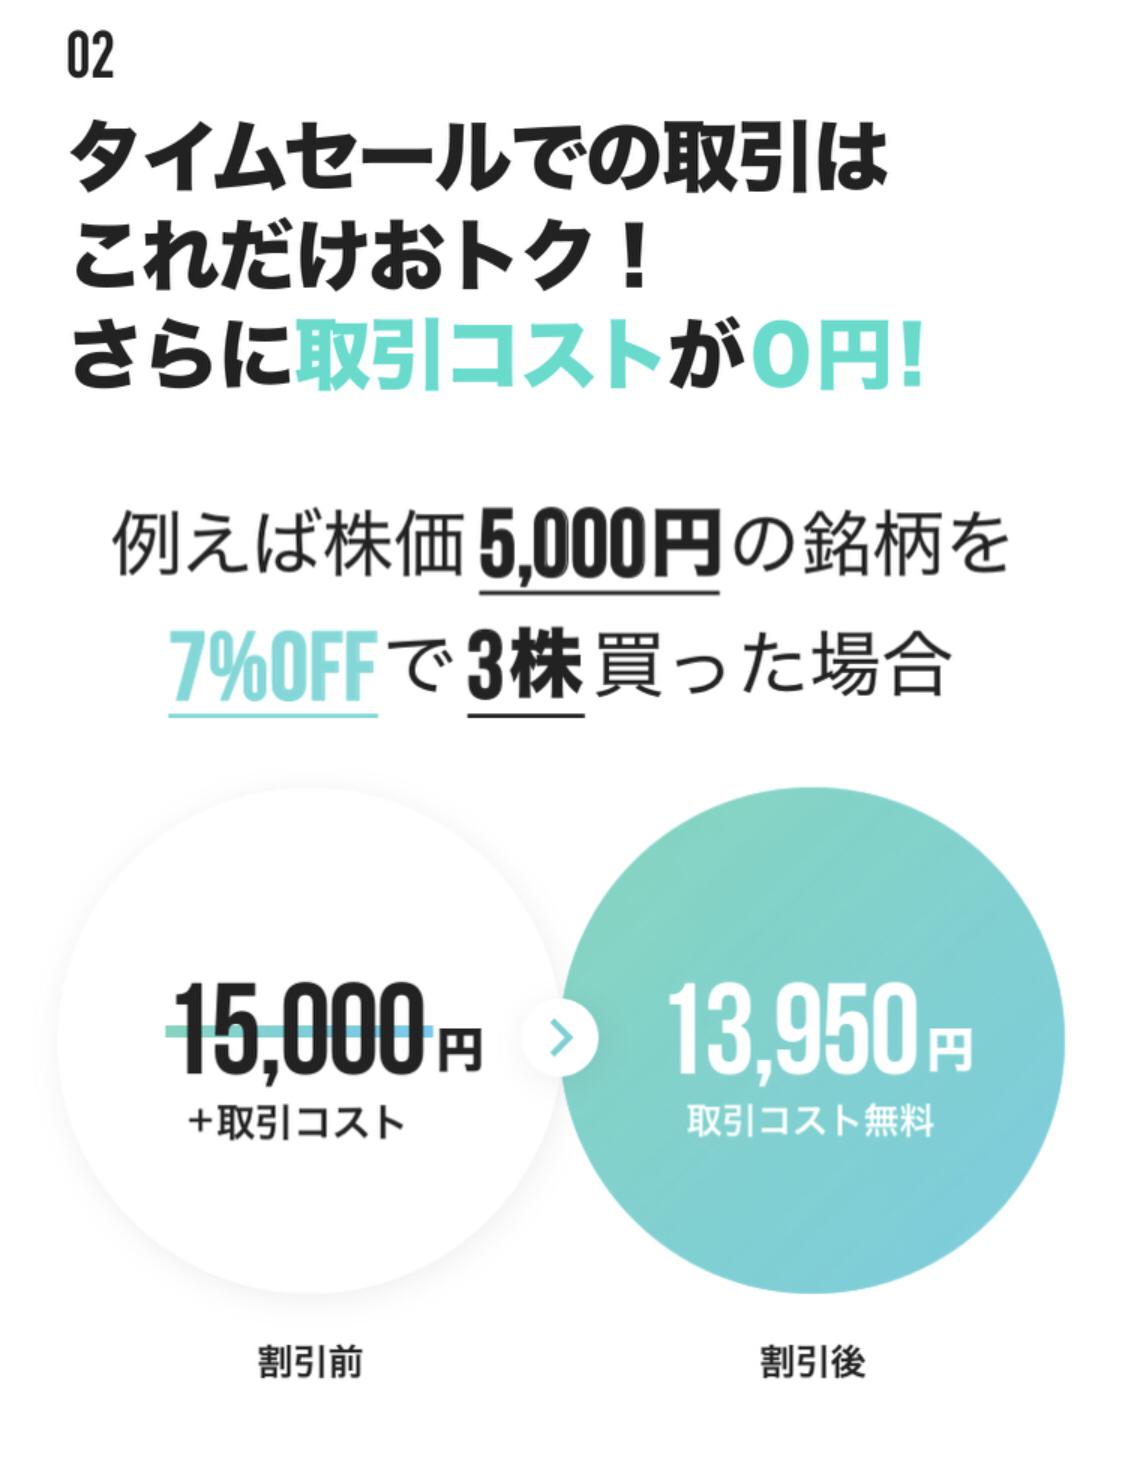 ライン証券のタイムセール取引コスト0円